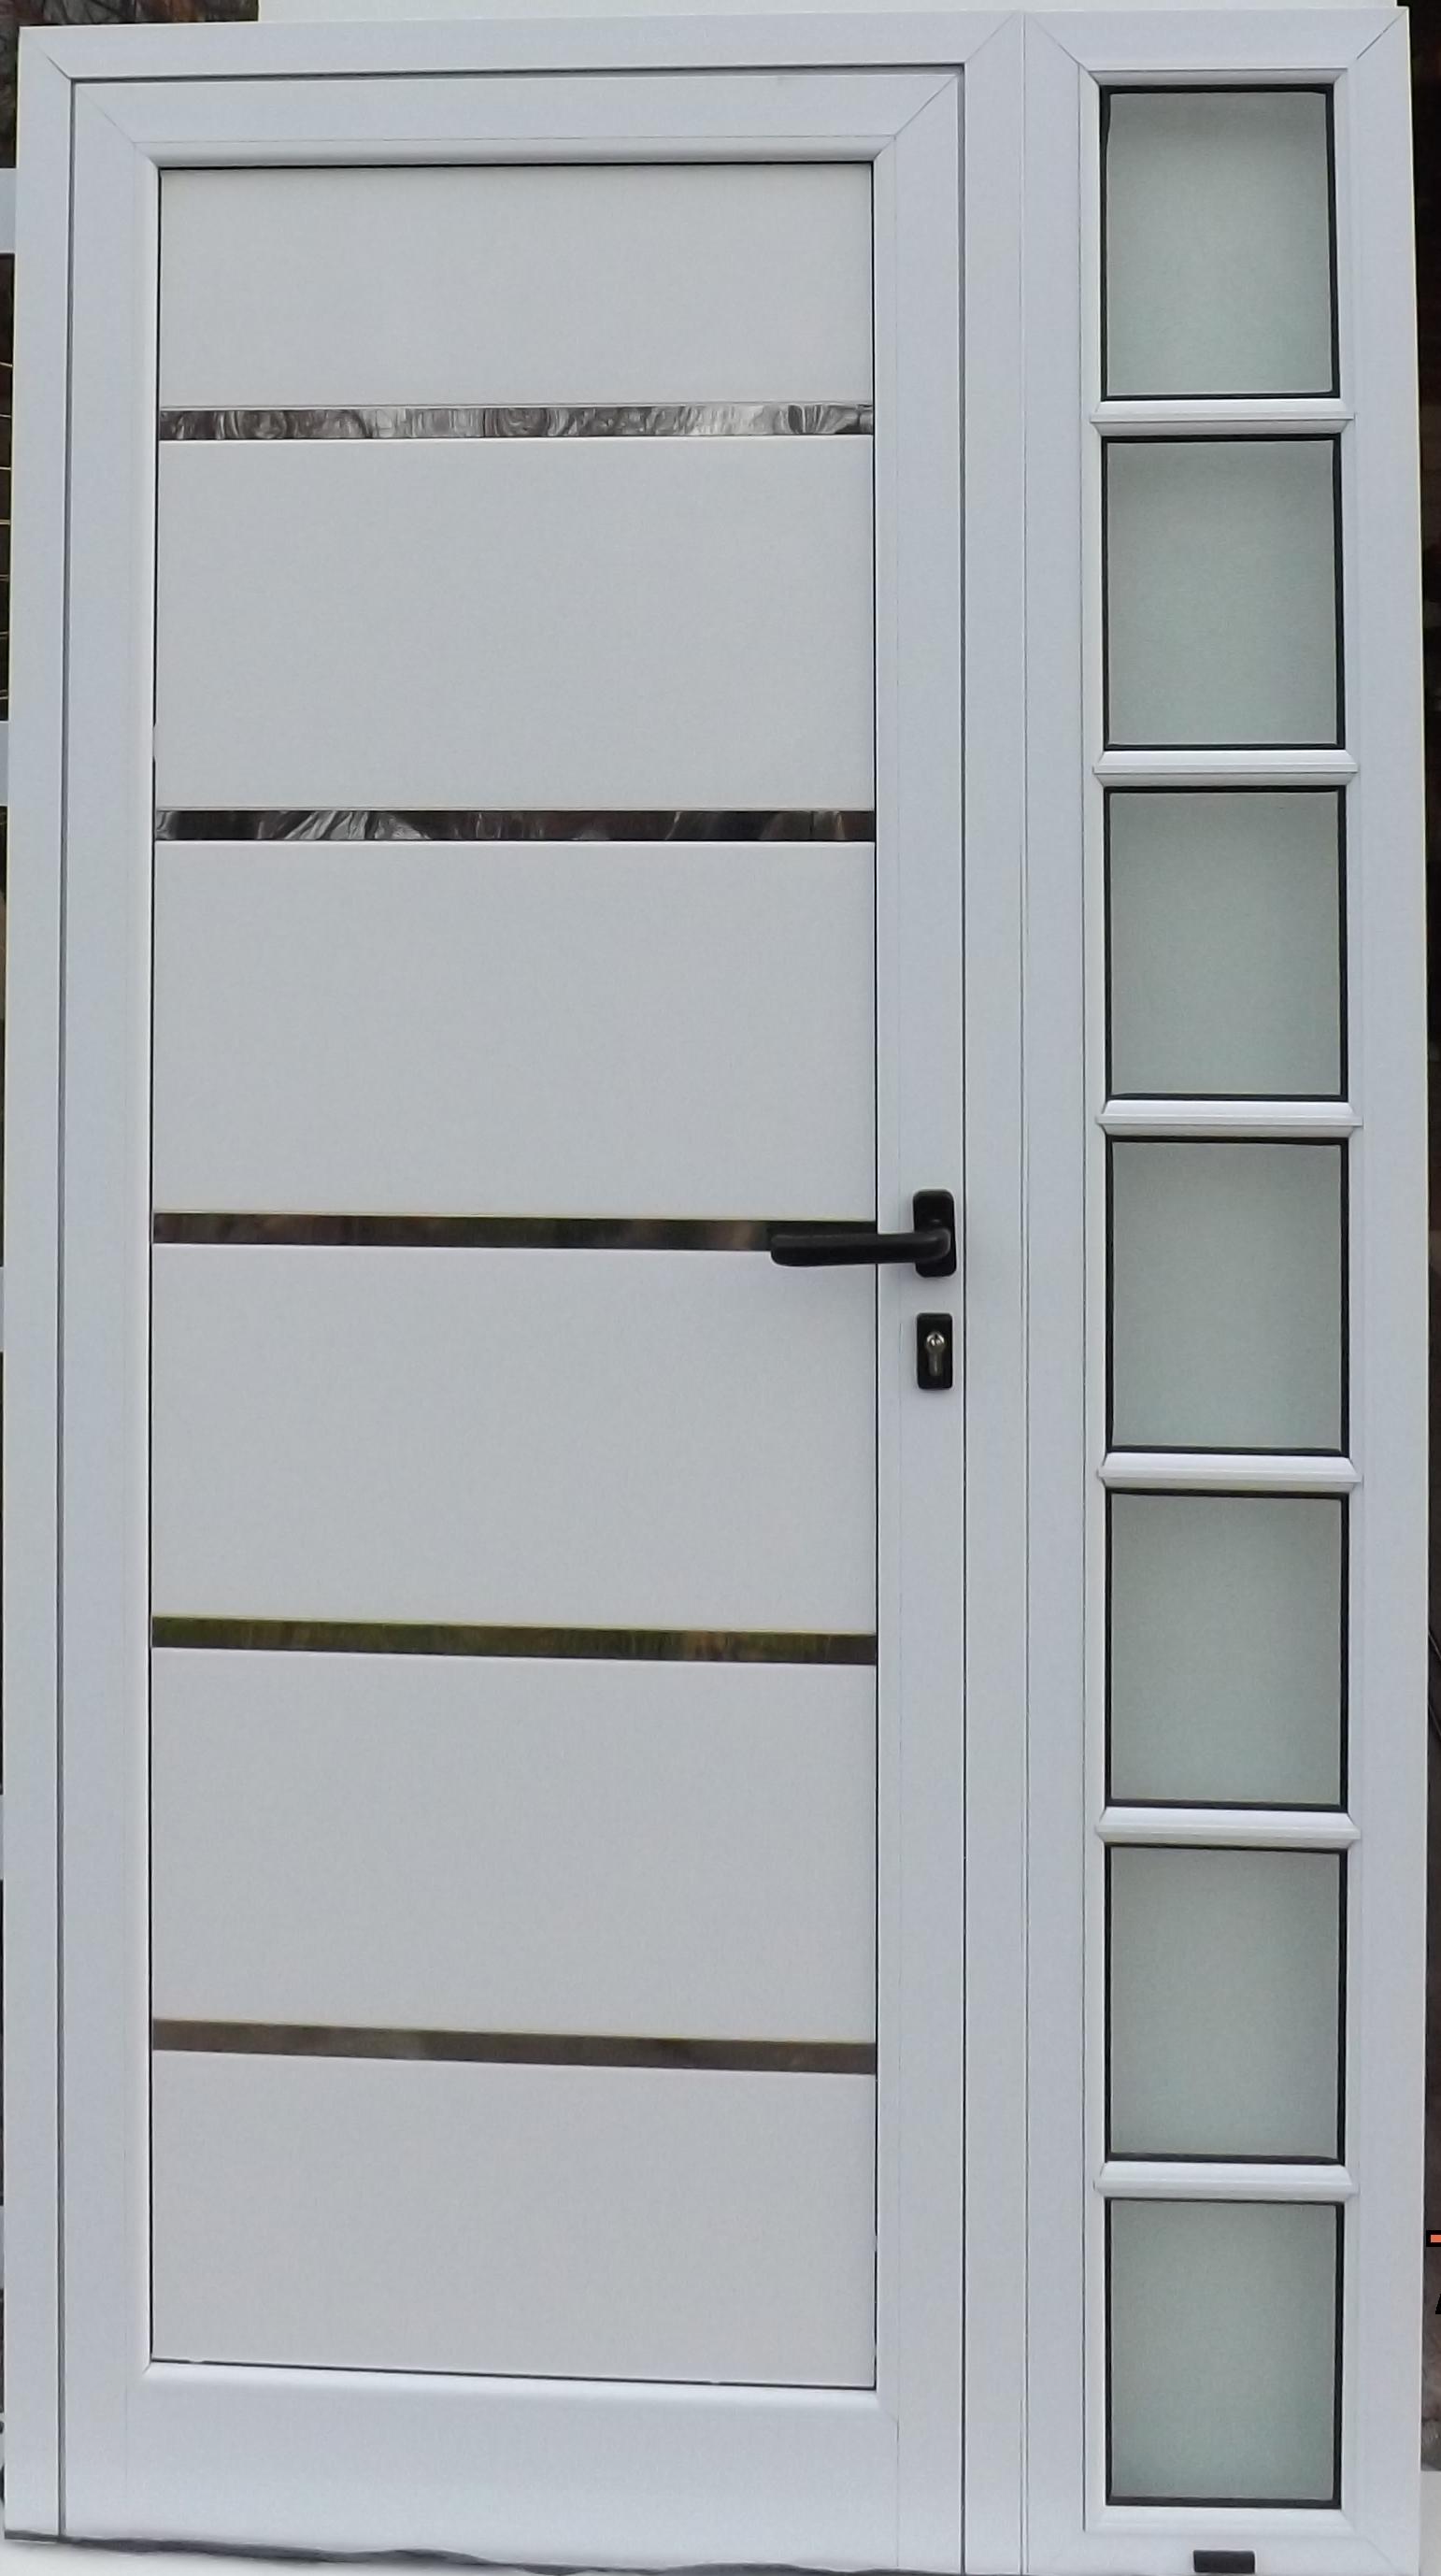 Puerta hoja y media con placa ranurada y aplique de aluminio